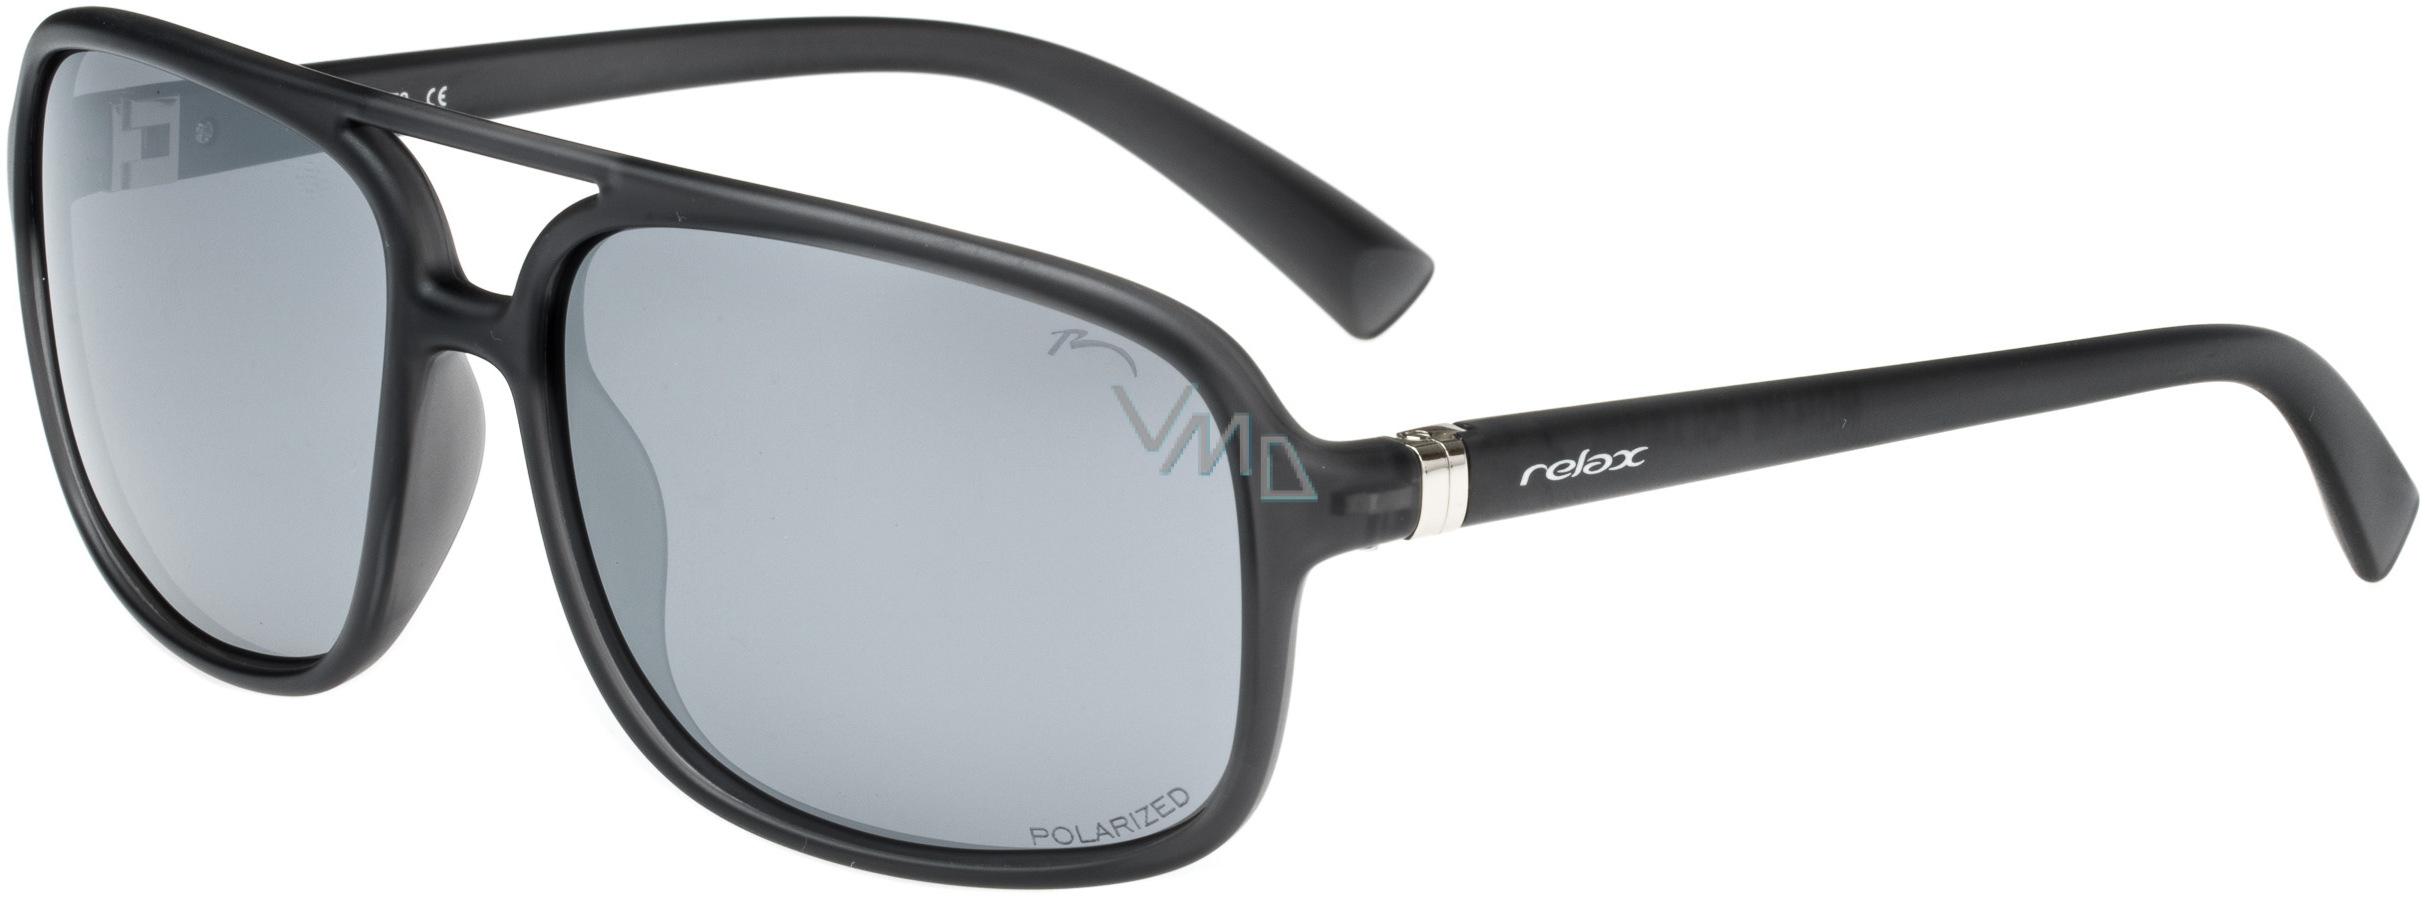 Relax Cabrera Sluneční brýle R2323A - VMD drogerie 5182eeb01d9